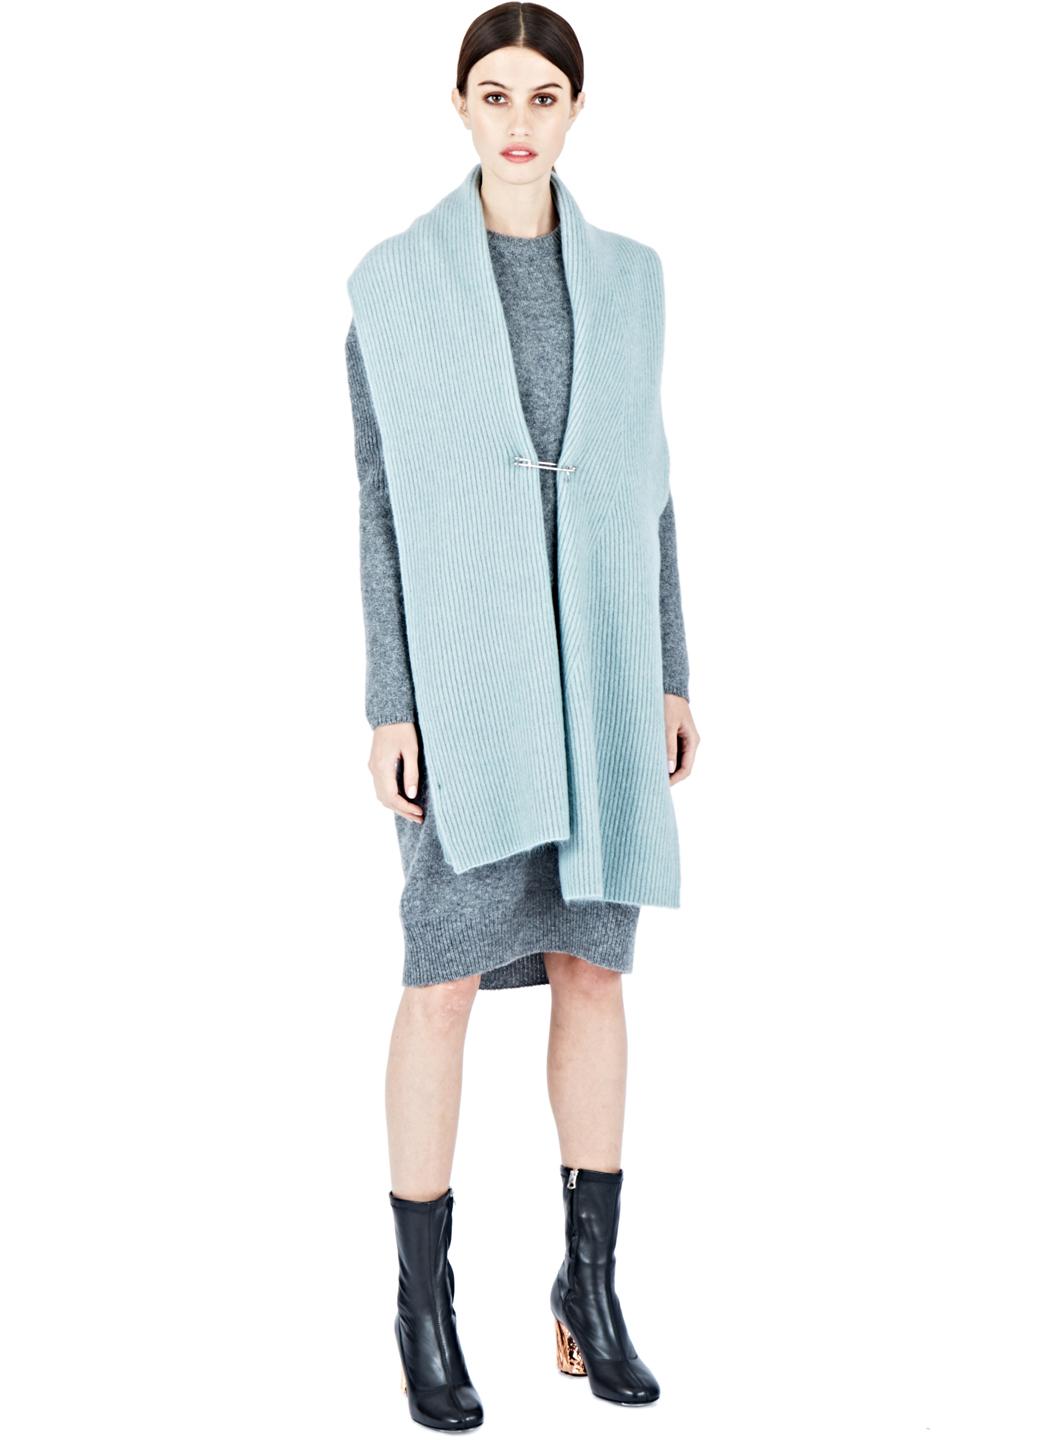 273b0d699ed Acne Studios Phebe Shet Sweater Dress in Blue - Lyst